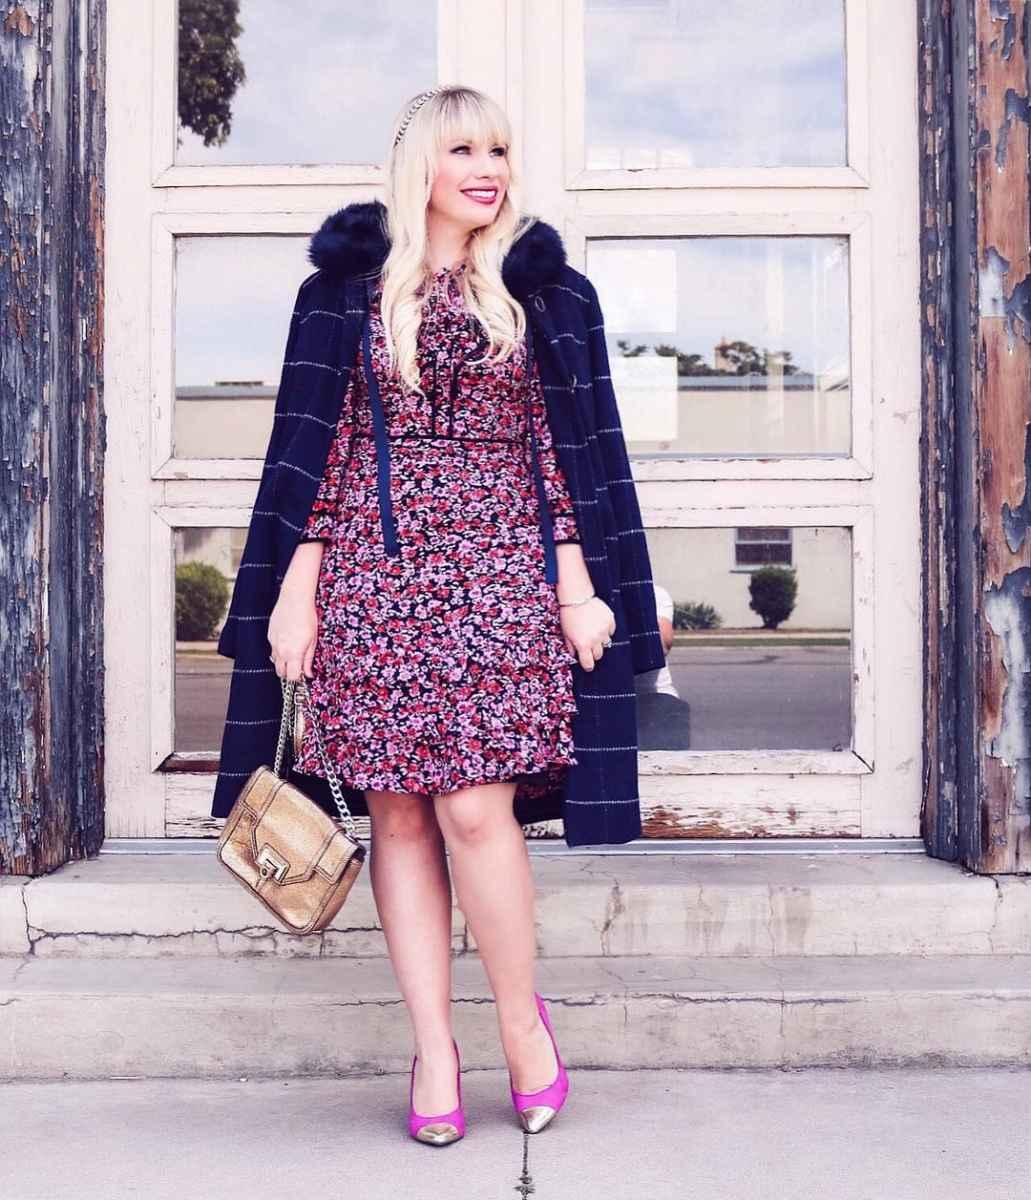 Модные платья для женщин 50 лет осень-зима 2019-2020 фото_54